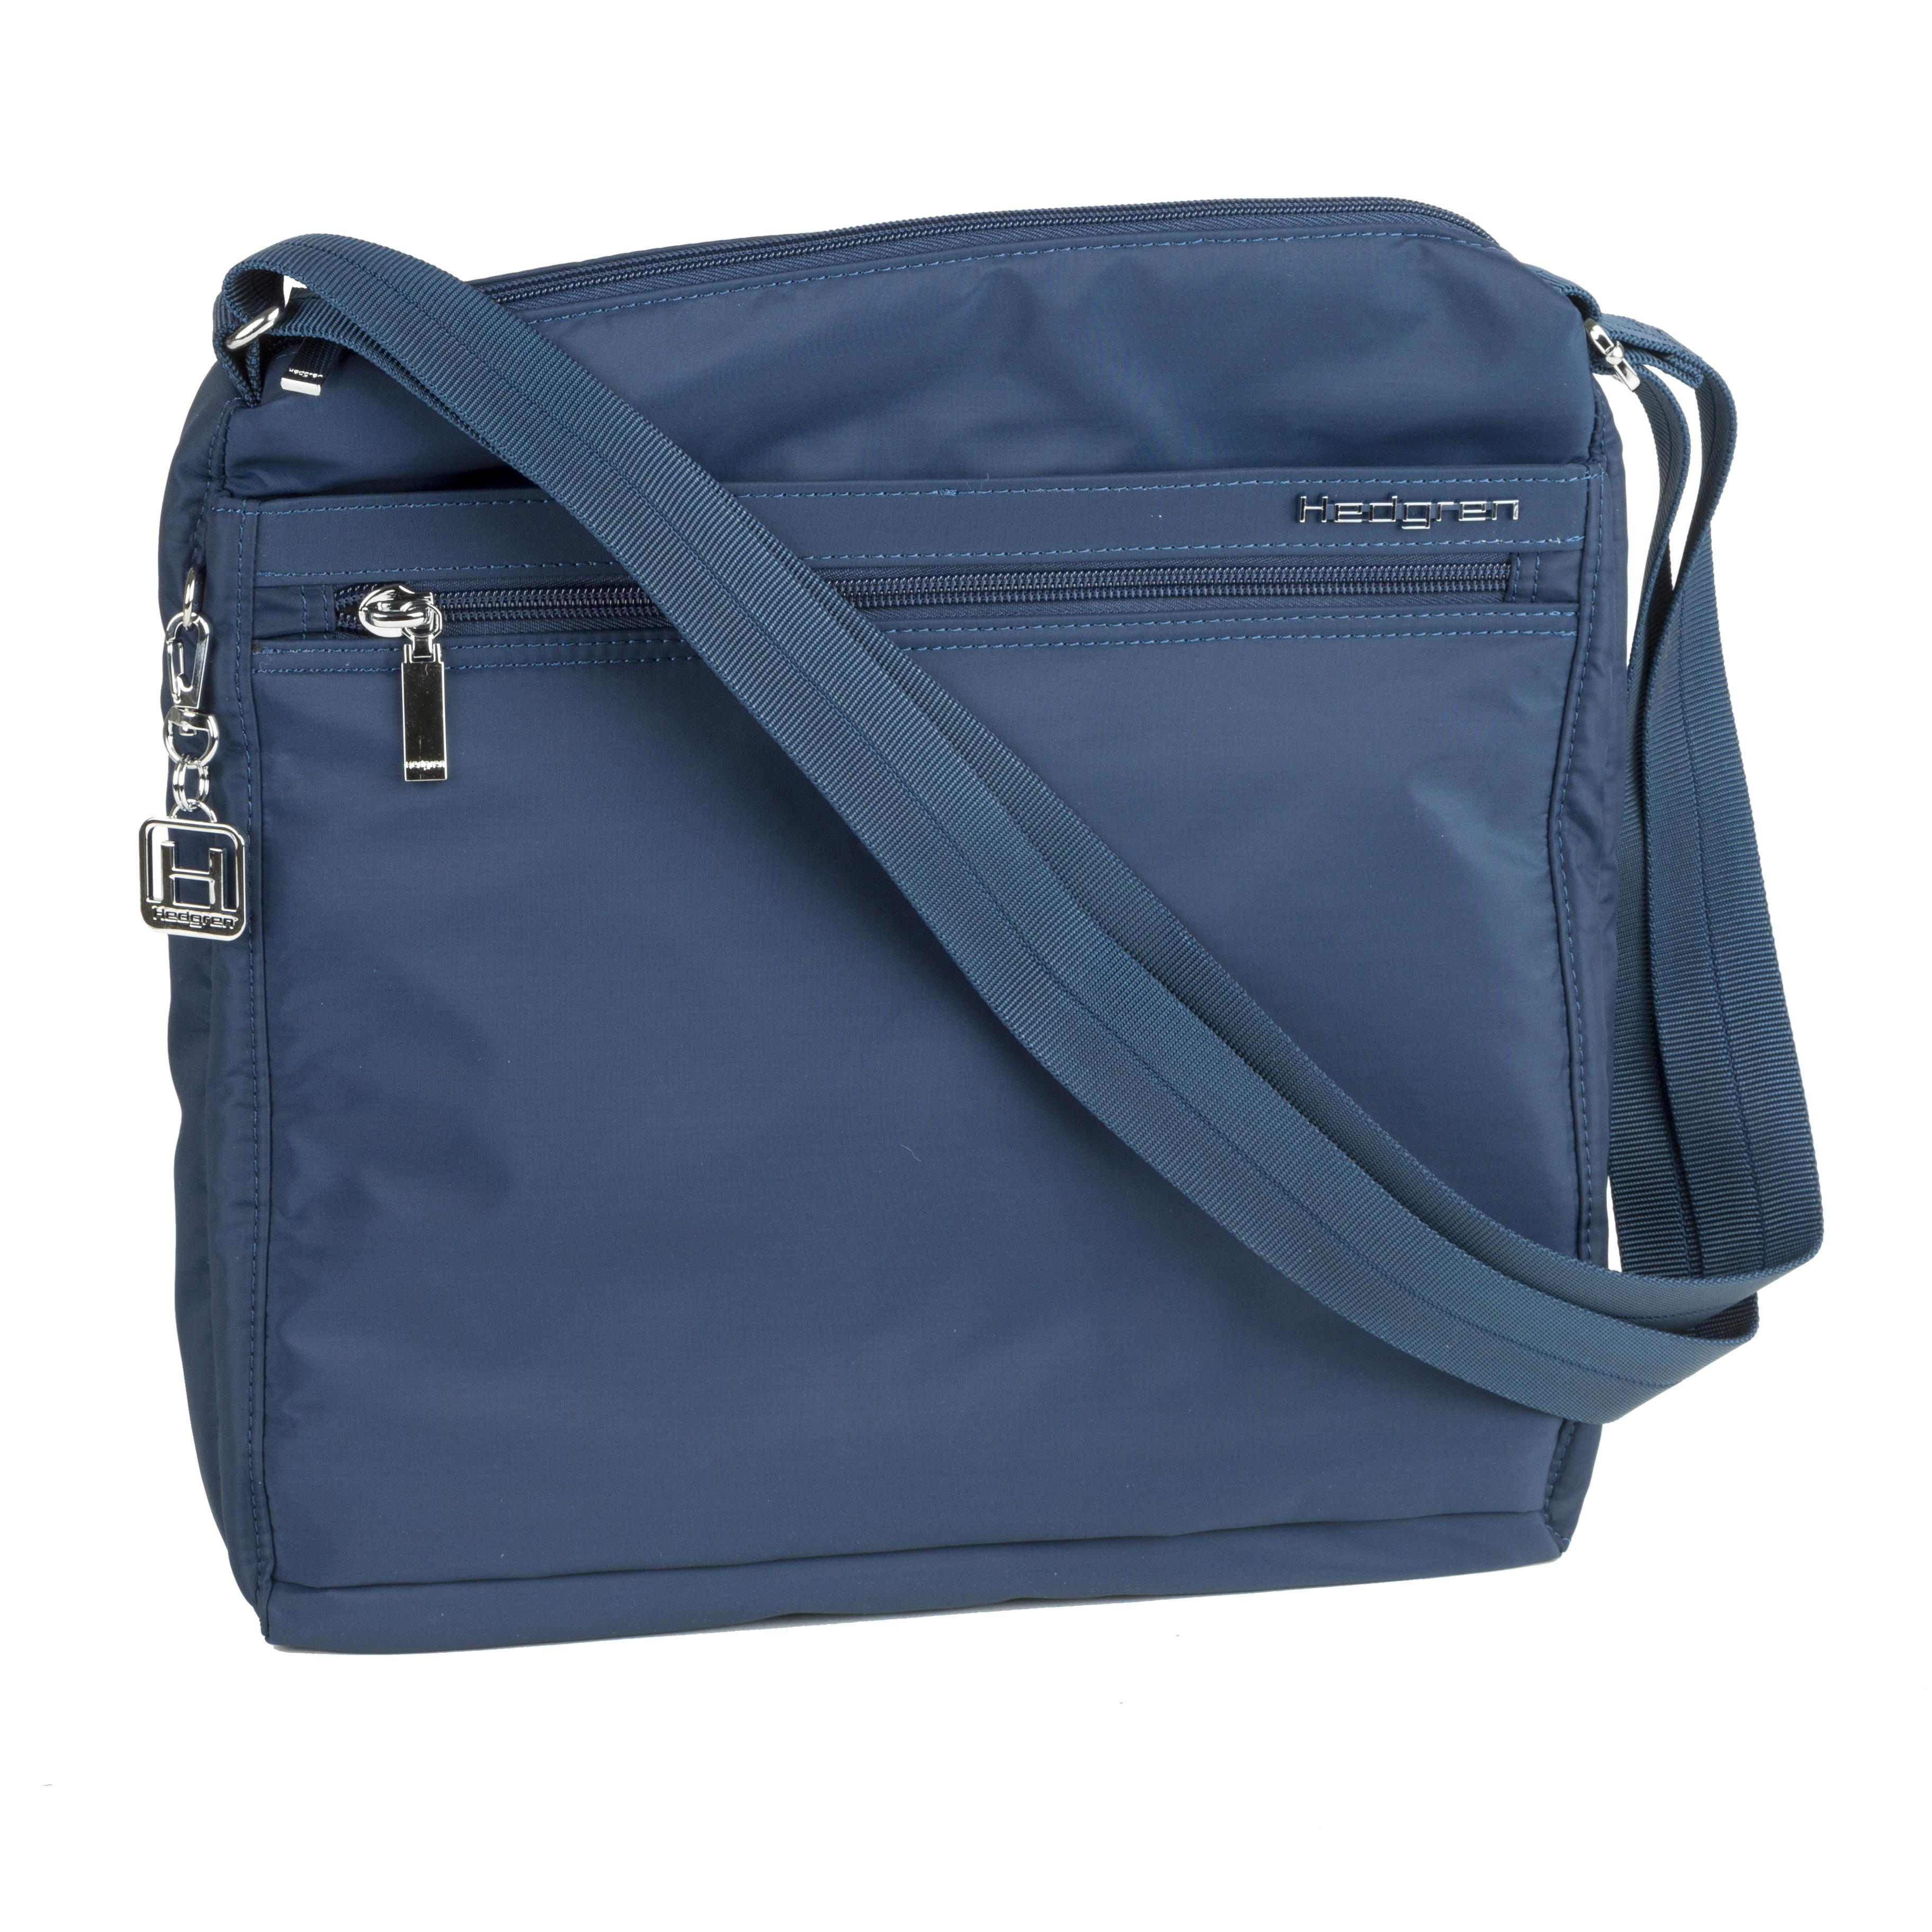 Hedgren - Inner City Fanzine Shoulder Bag Dress Blue  f6fd7a6daf878